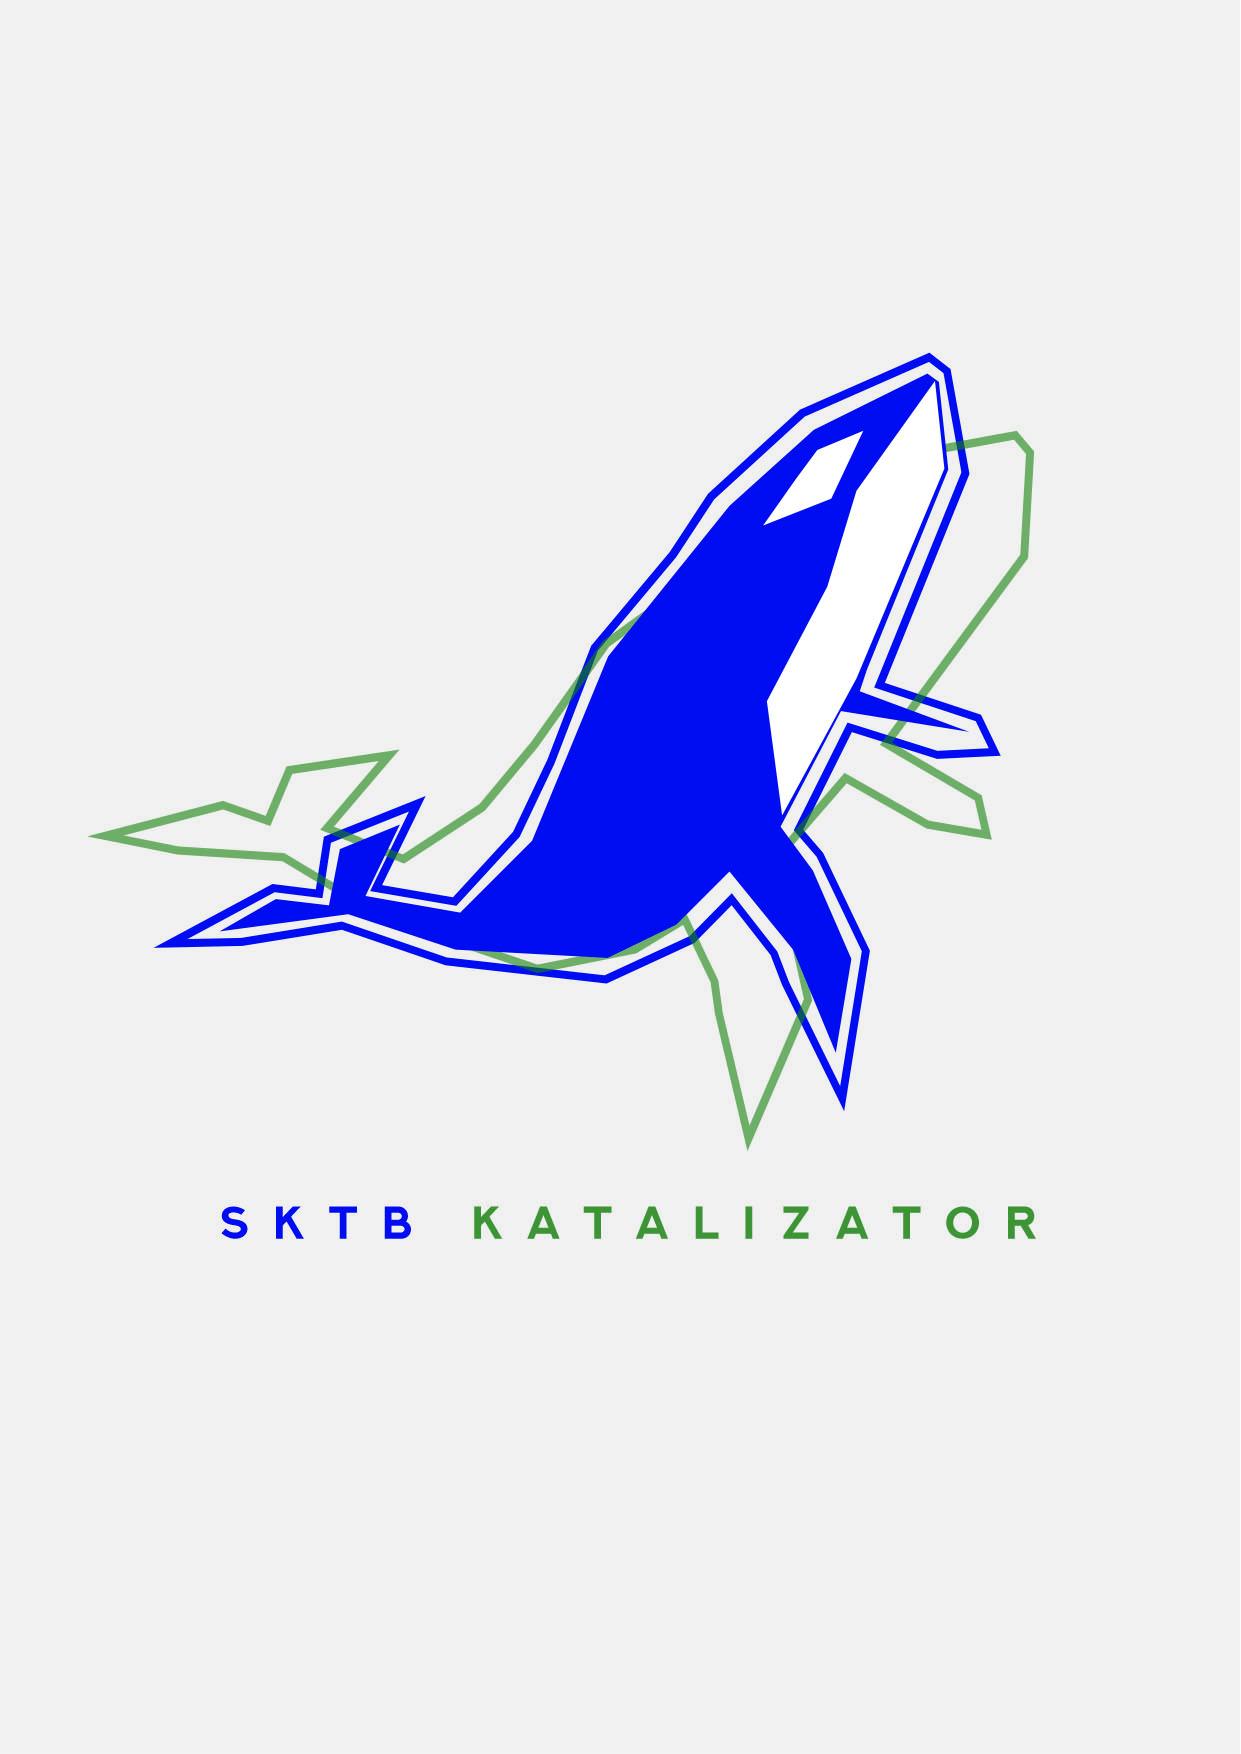 Разработка фирменного символа компании - касатки, НЕ ЛОГОТИП фото f_0325afdcdfce6c67.jpg